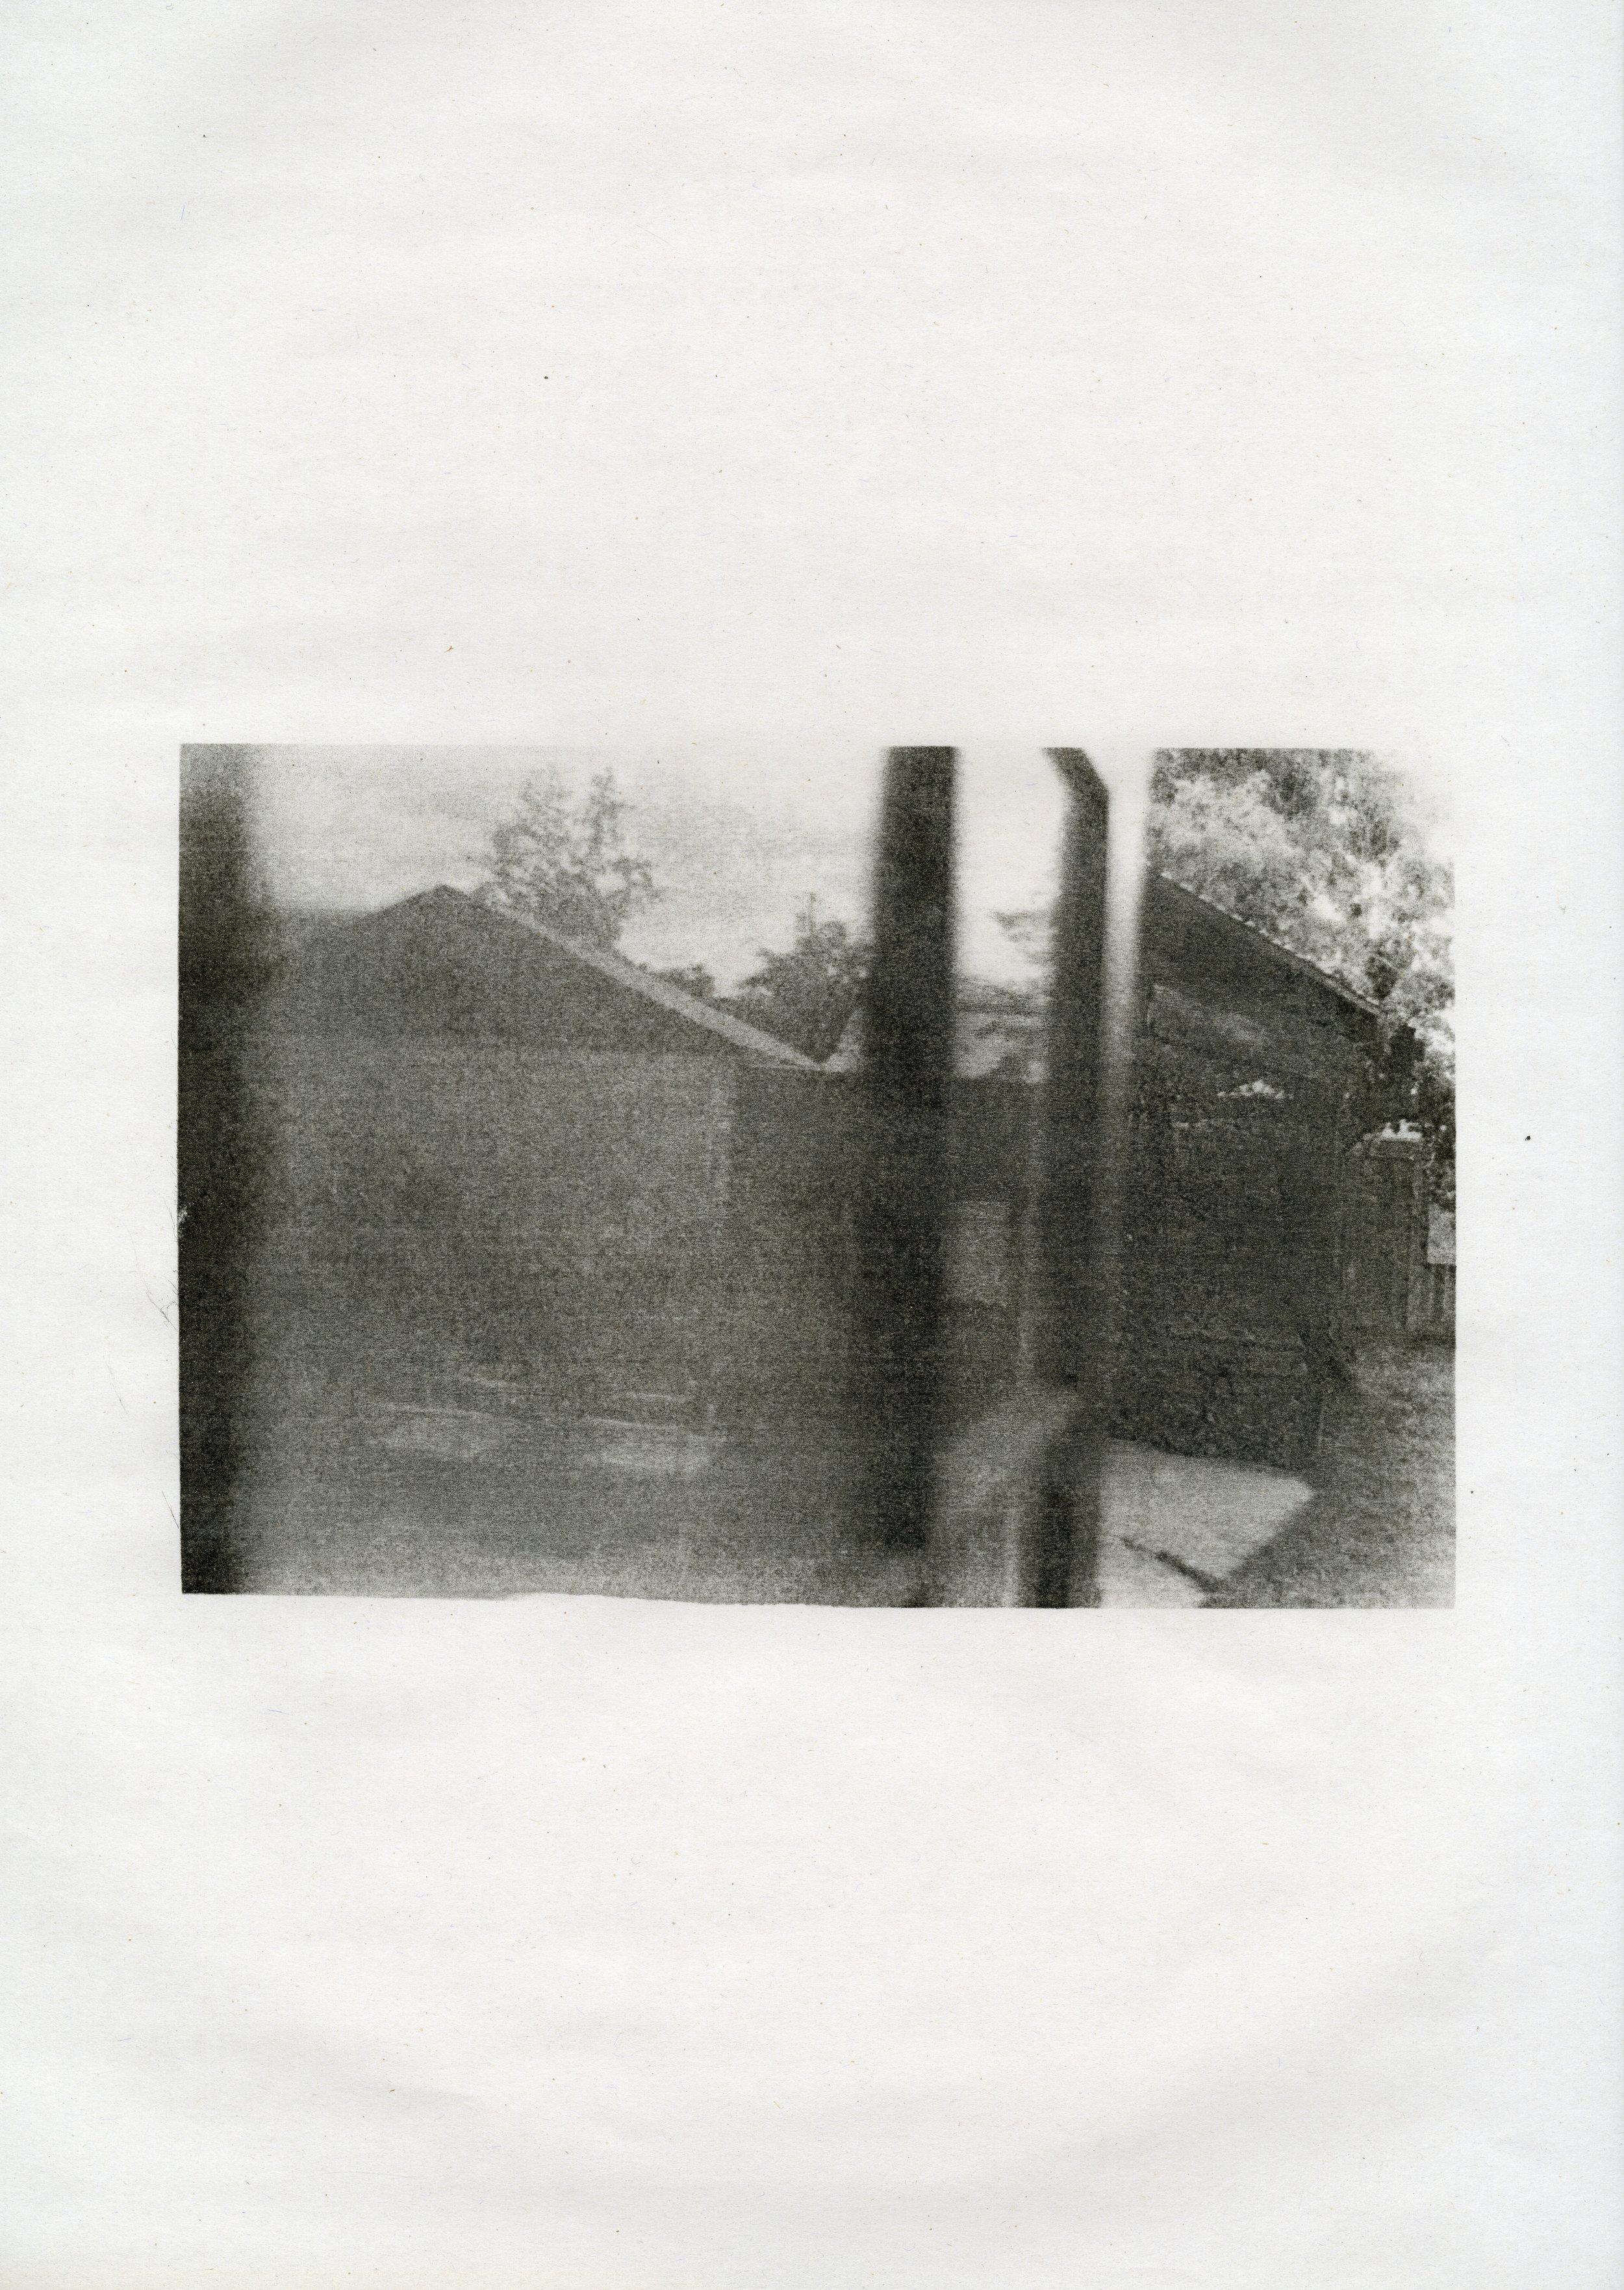 file012.jpg